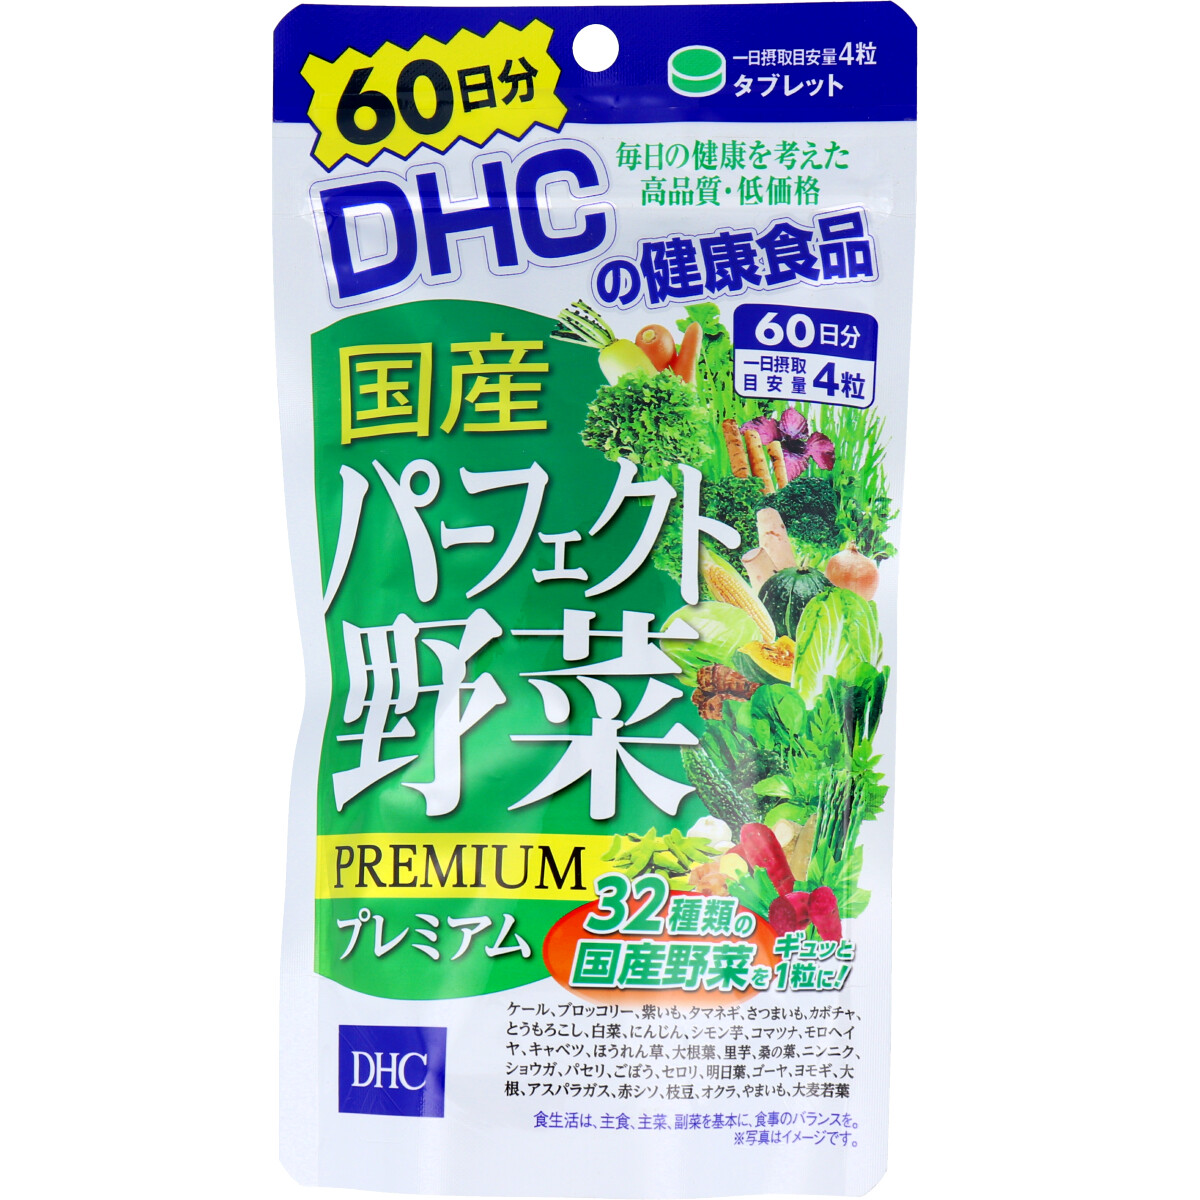 ※[メーカー欠品][8月24日まで特価]DHC 国産パーフェクト野菜 240粒 60日分